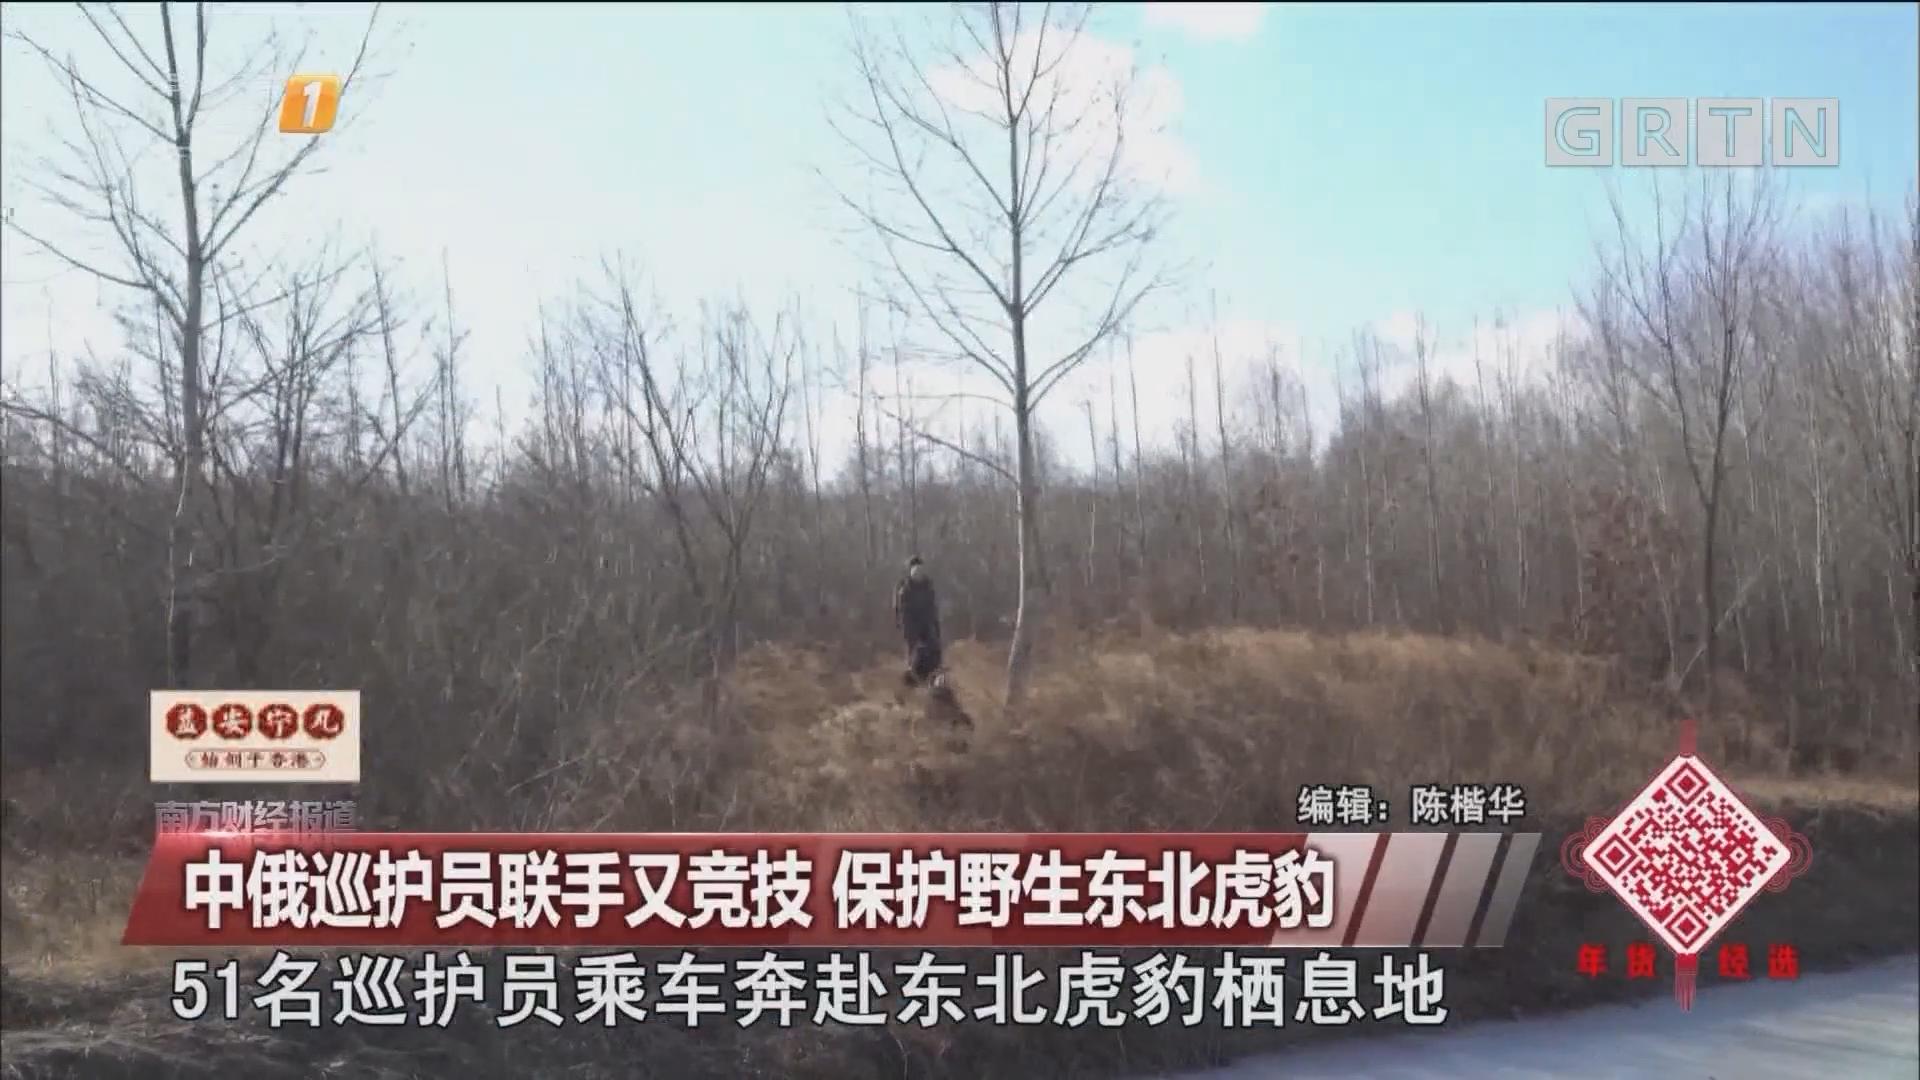 中俄巡护员联手又竞技 保护野生东北虎豹